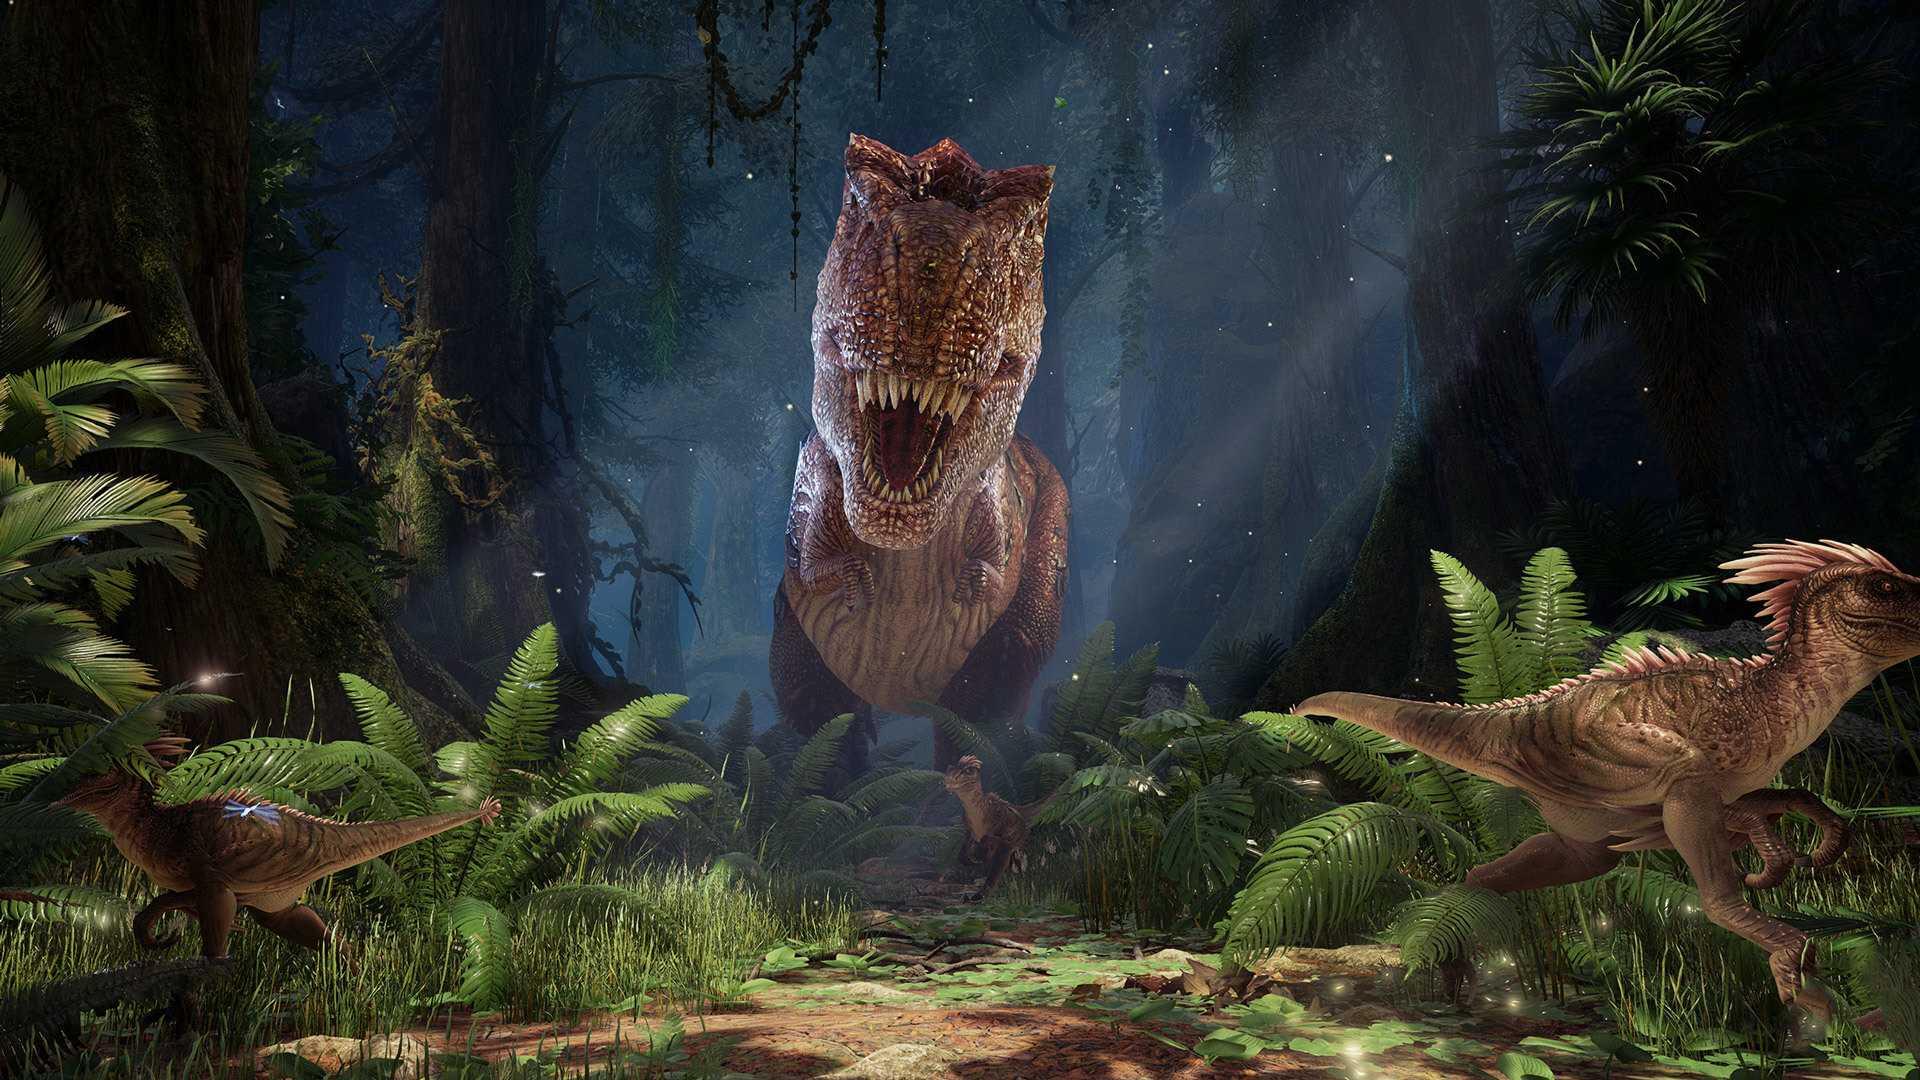 Jurassic Park AR App from Universal Studios.